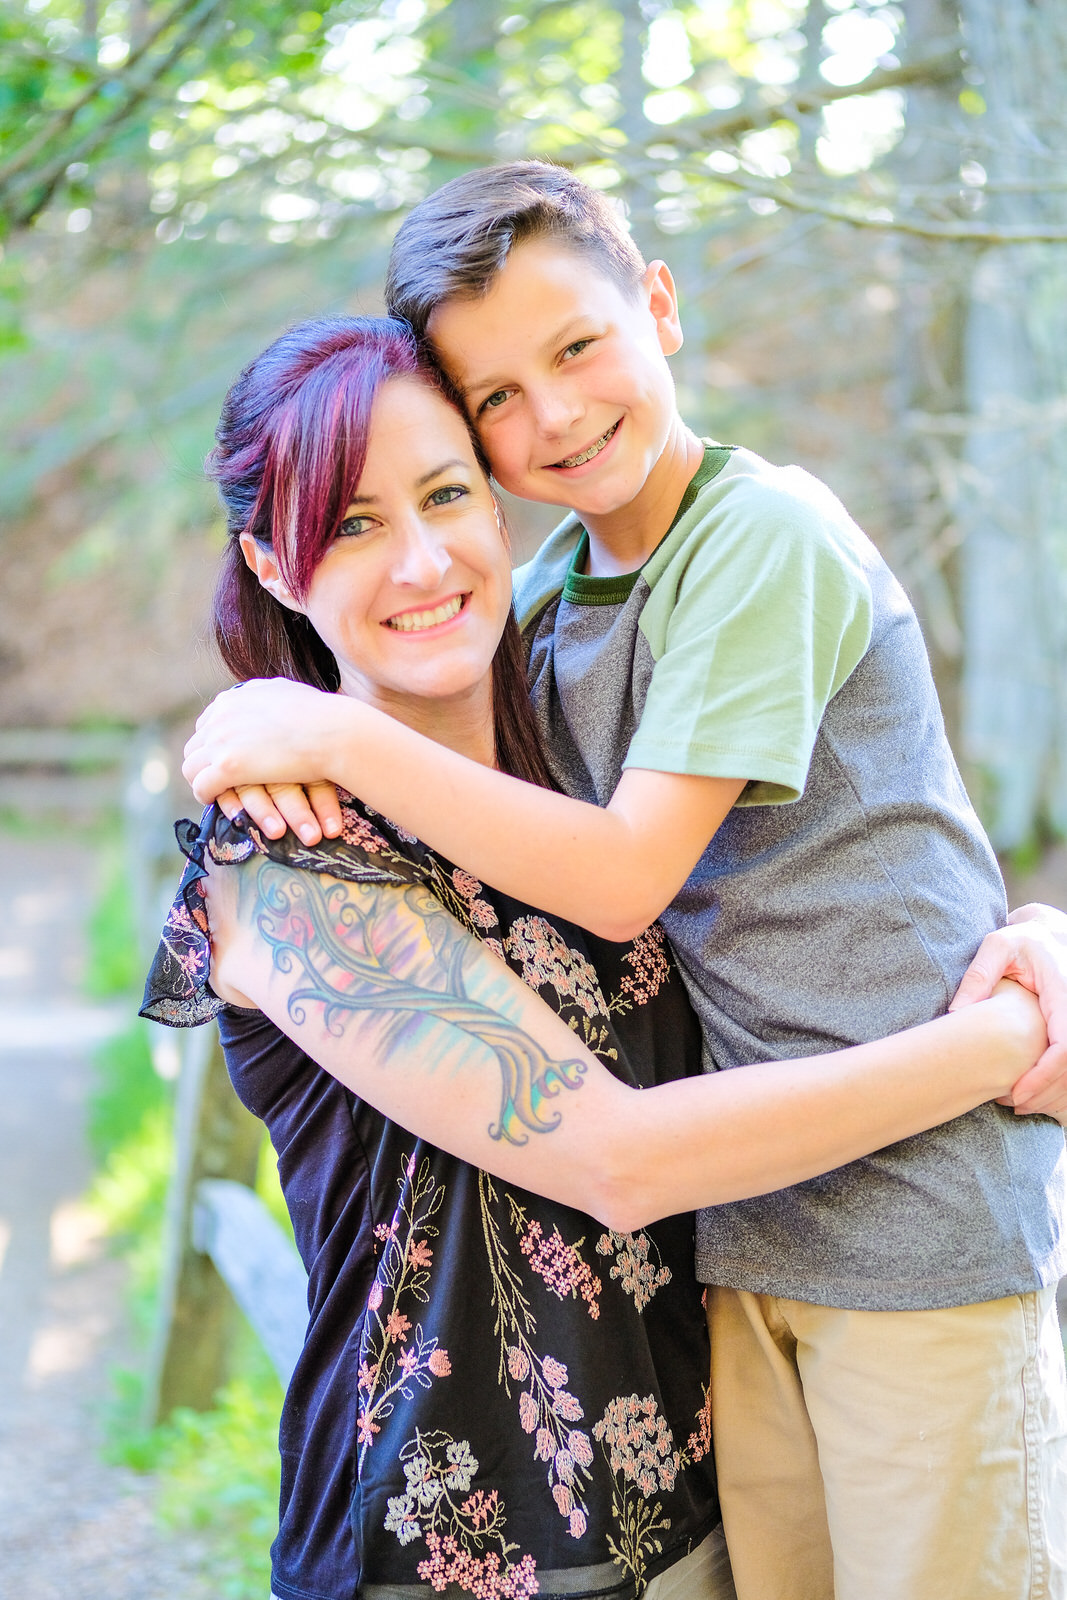 Rachelle_Family_Photos-47.jpg